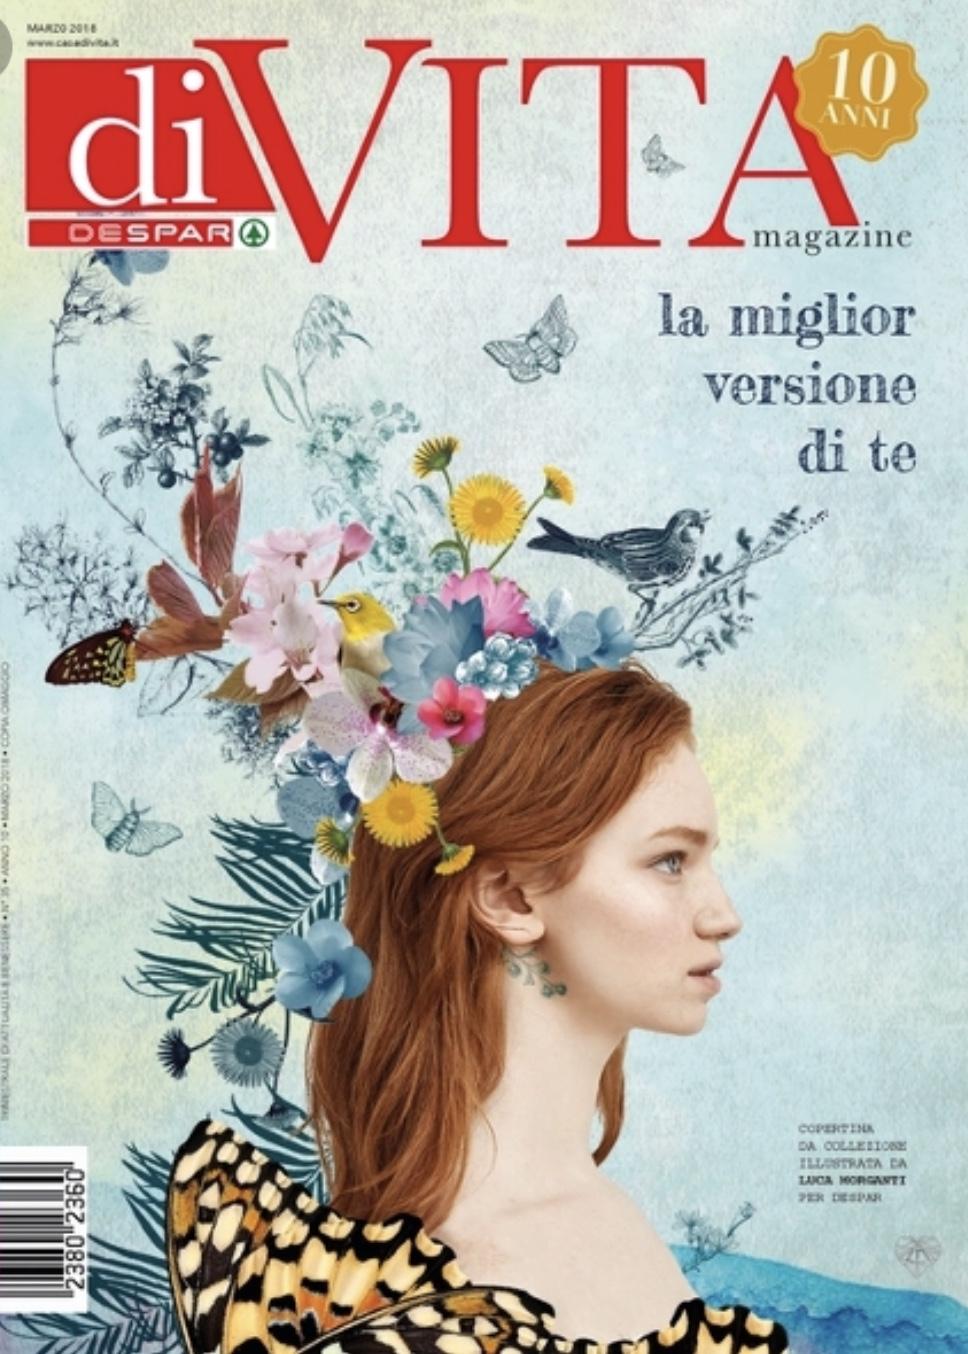 DiVitaMagazine - Marzo 2018 - fonte: despar.it - pubblicato da tatianaberlaffa.com